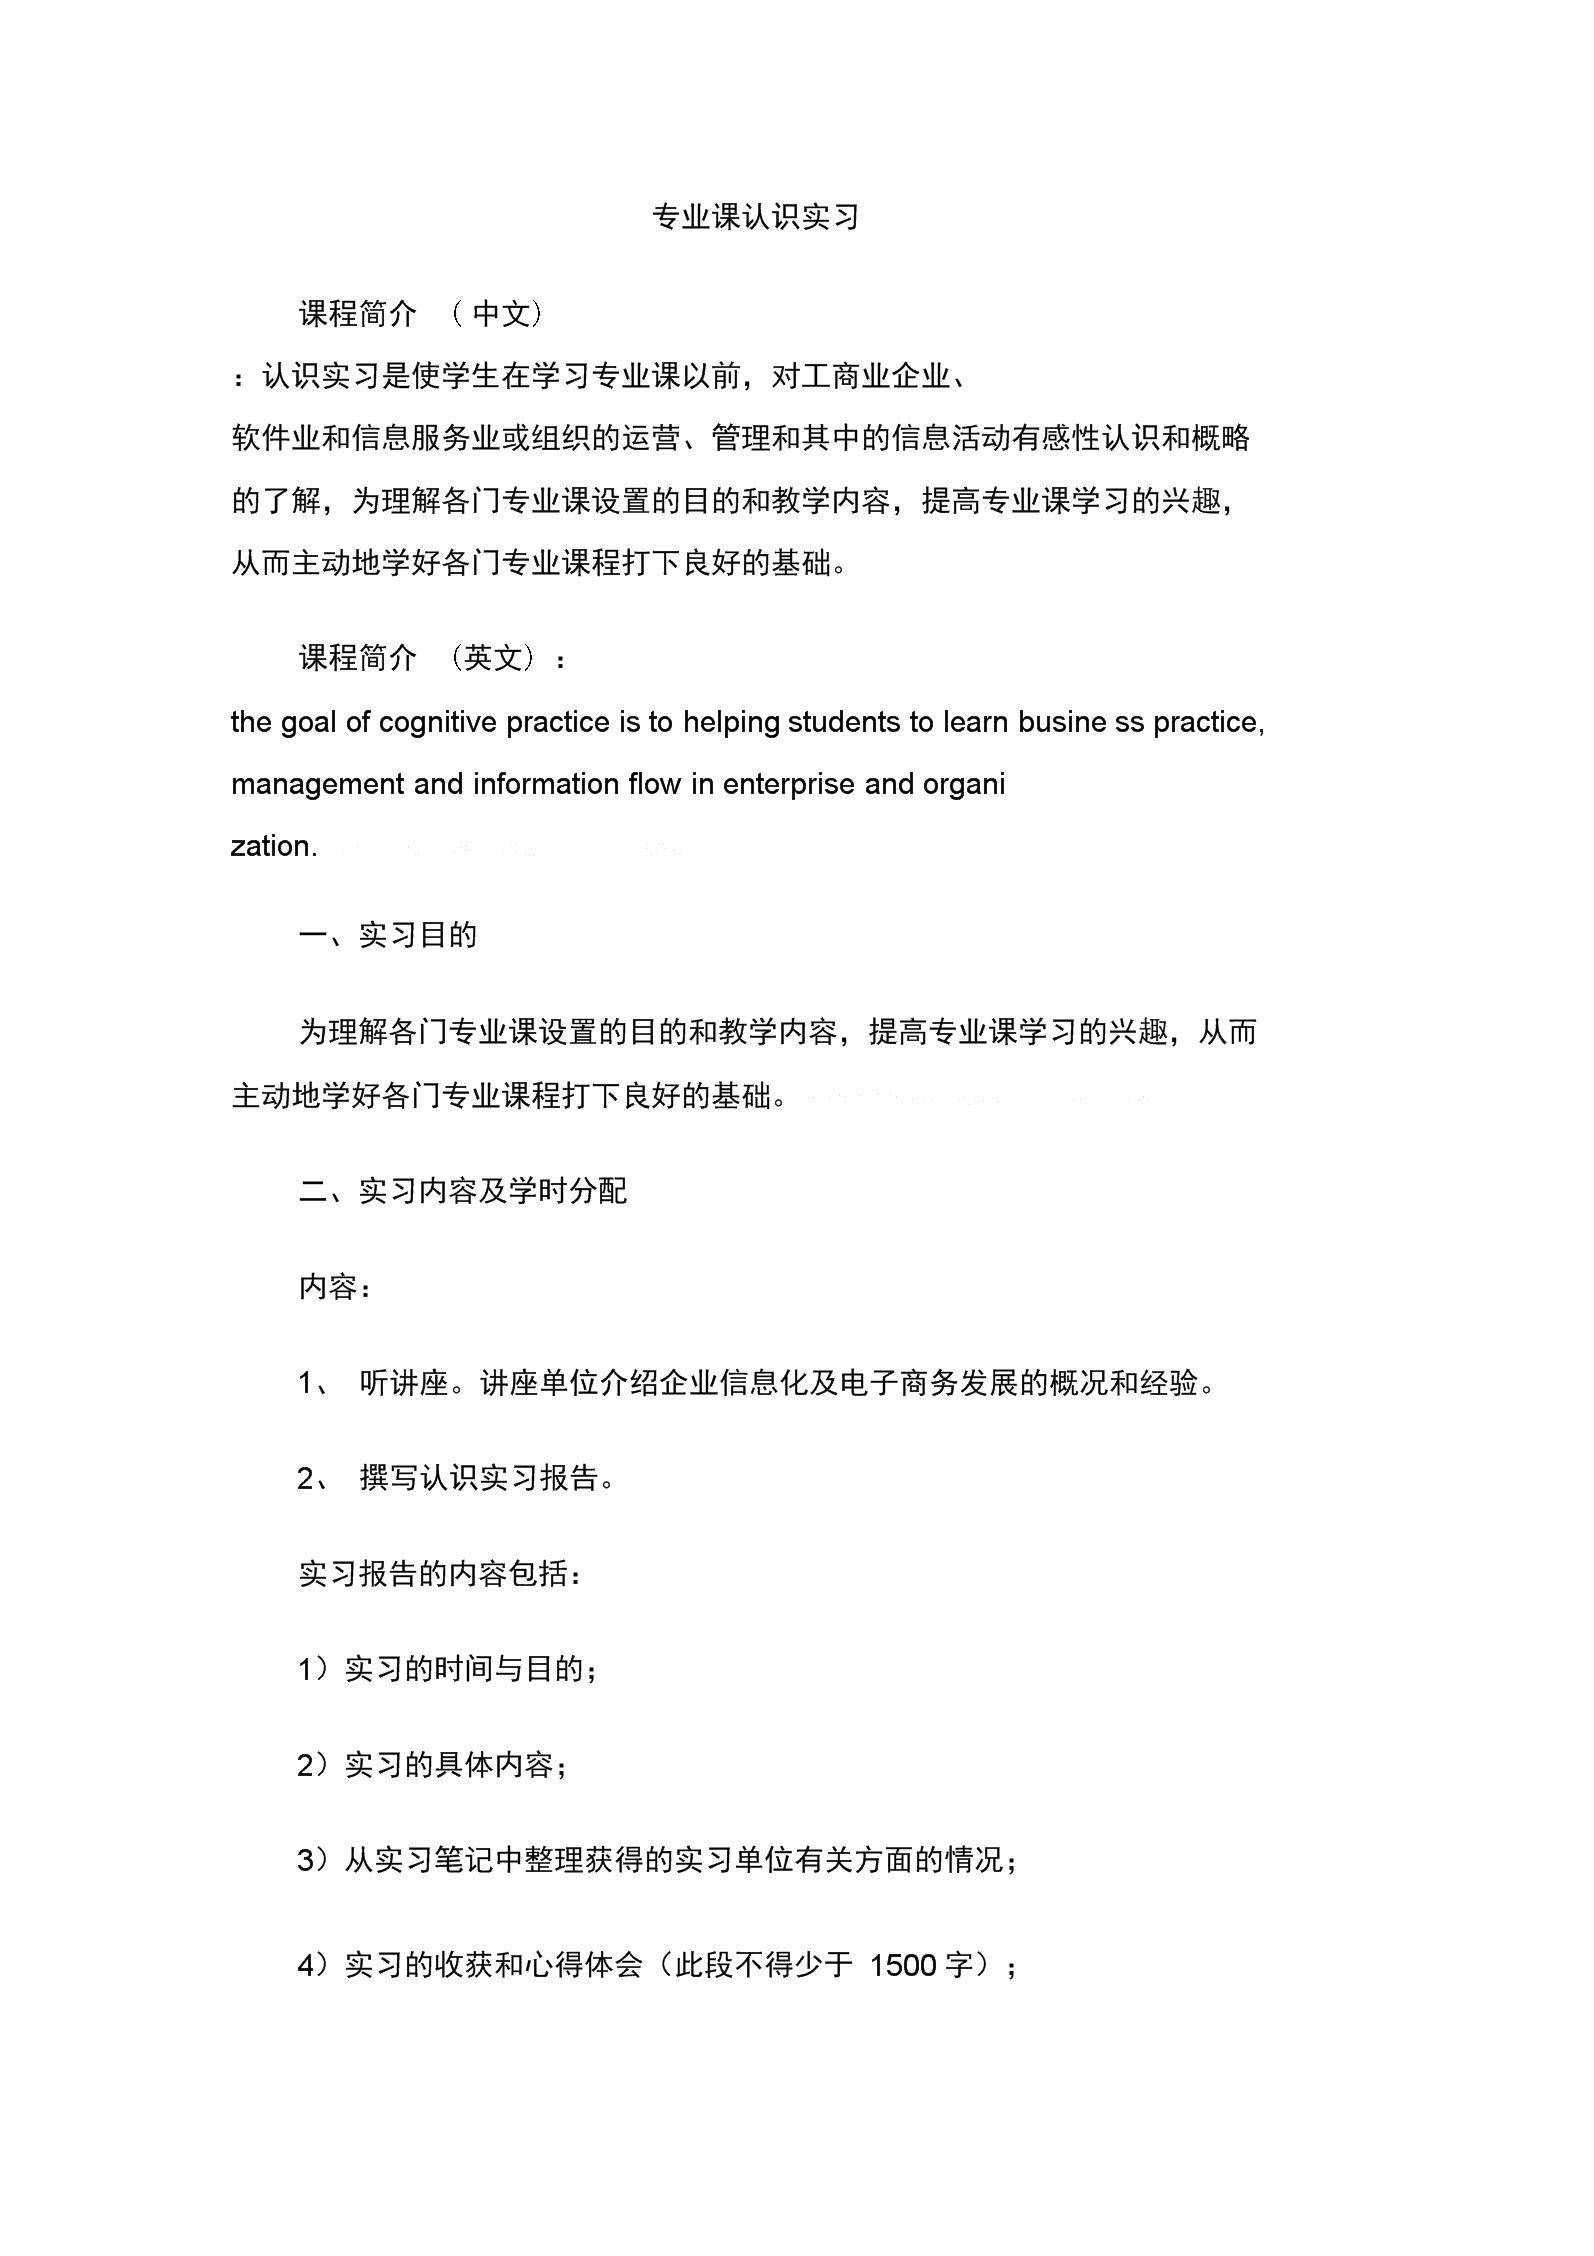 专业课认识实习.docx